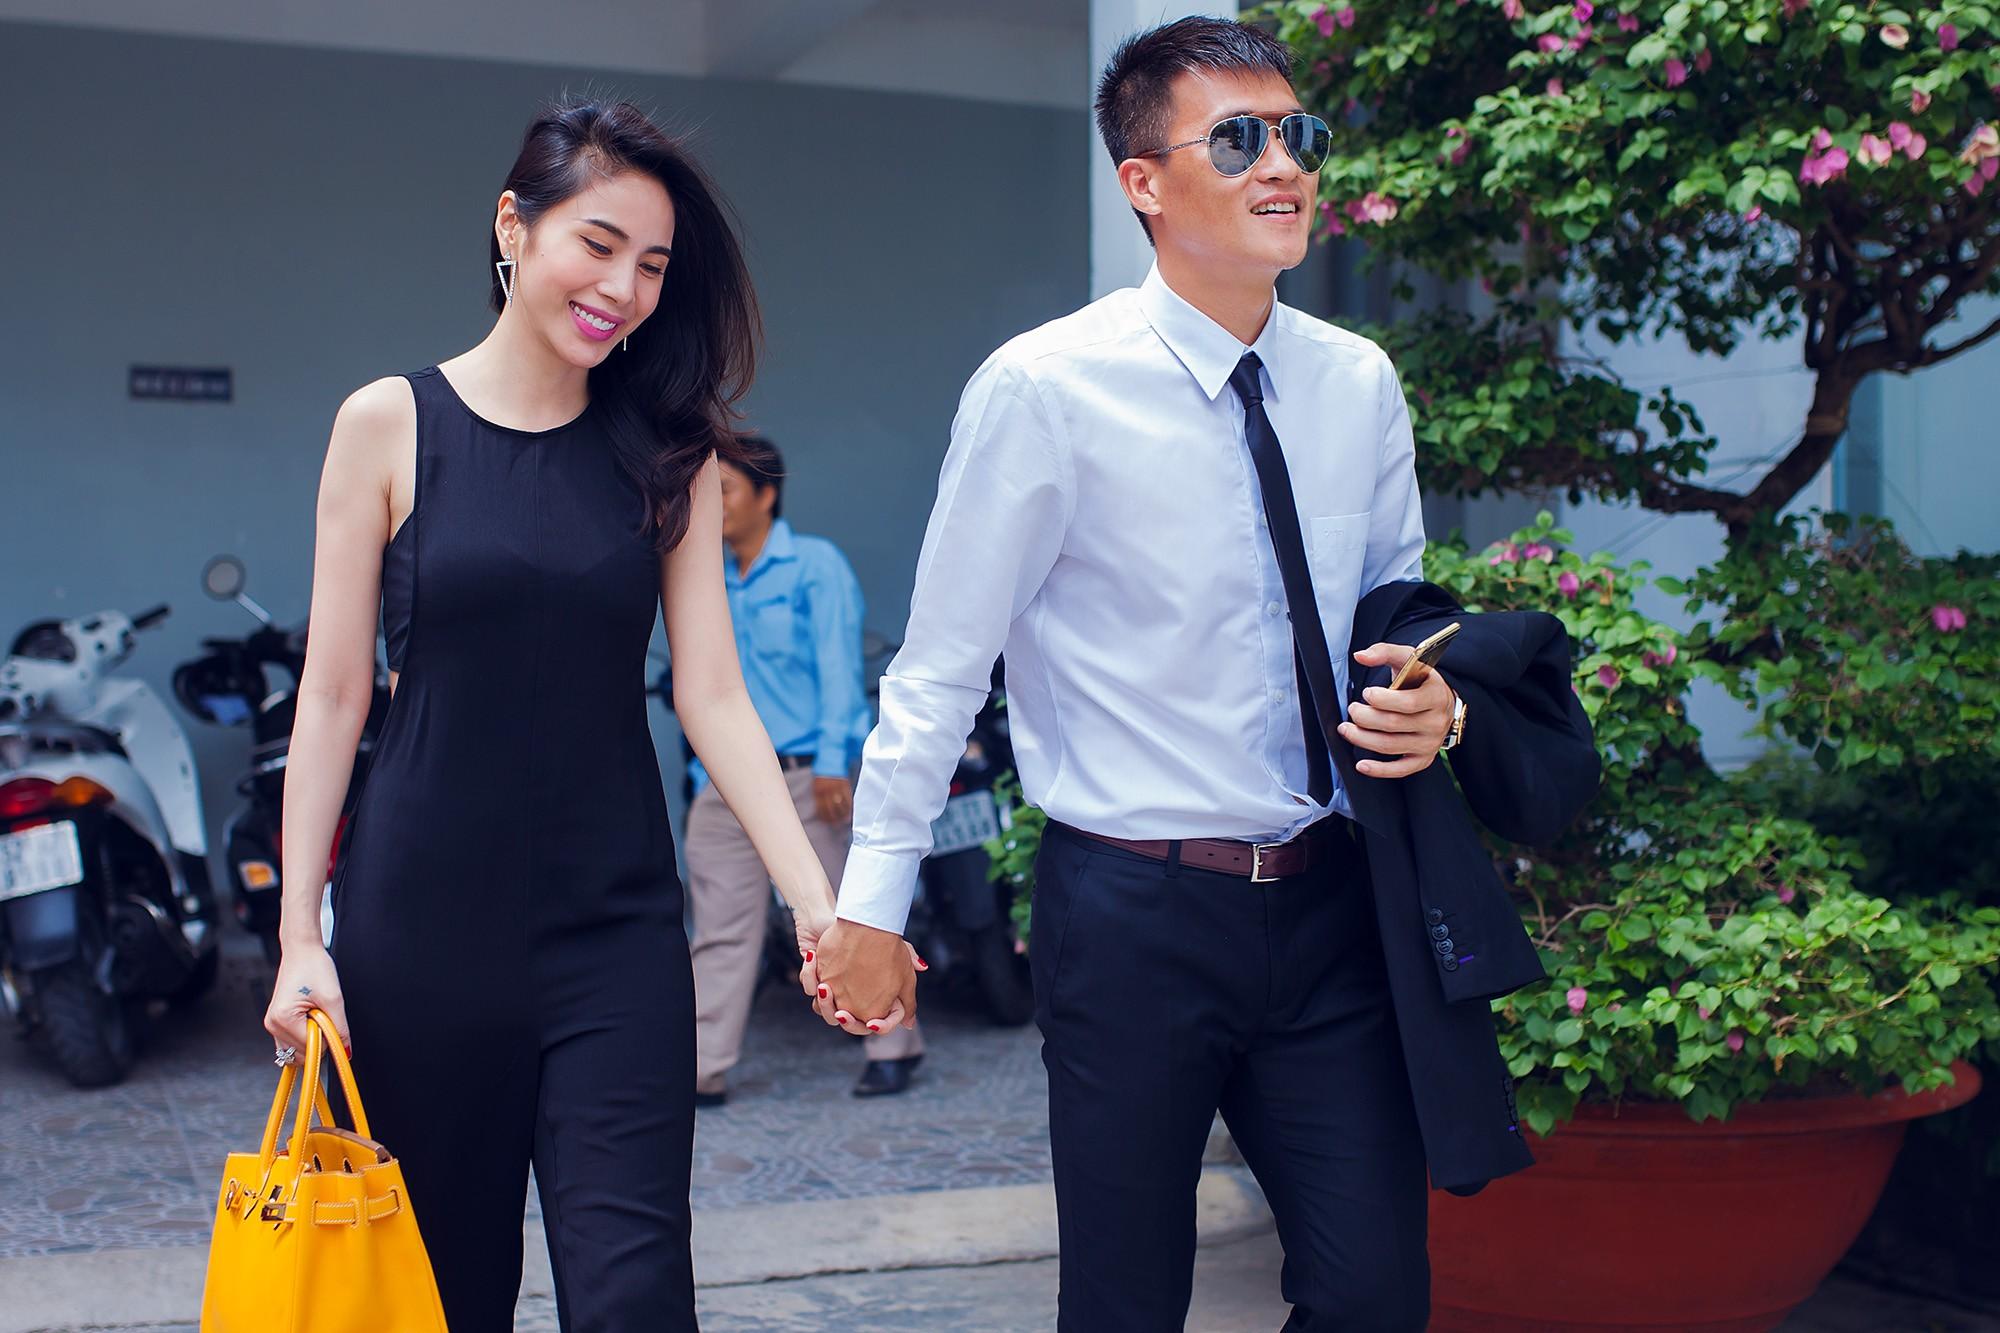 Đến thời điểm hiện tại, Thủy Tiên luôn là hậu phương vững chắc cho chồng. Ngược lại, cựu cầu thủ xứ Nghệ cũng dành thời gian đồng hành cùng bà xã trong công việc.